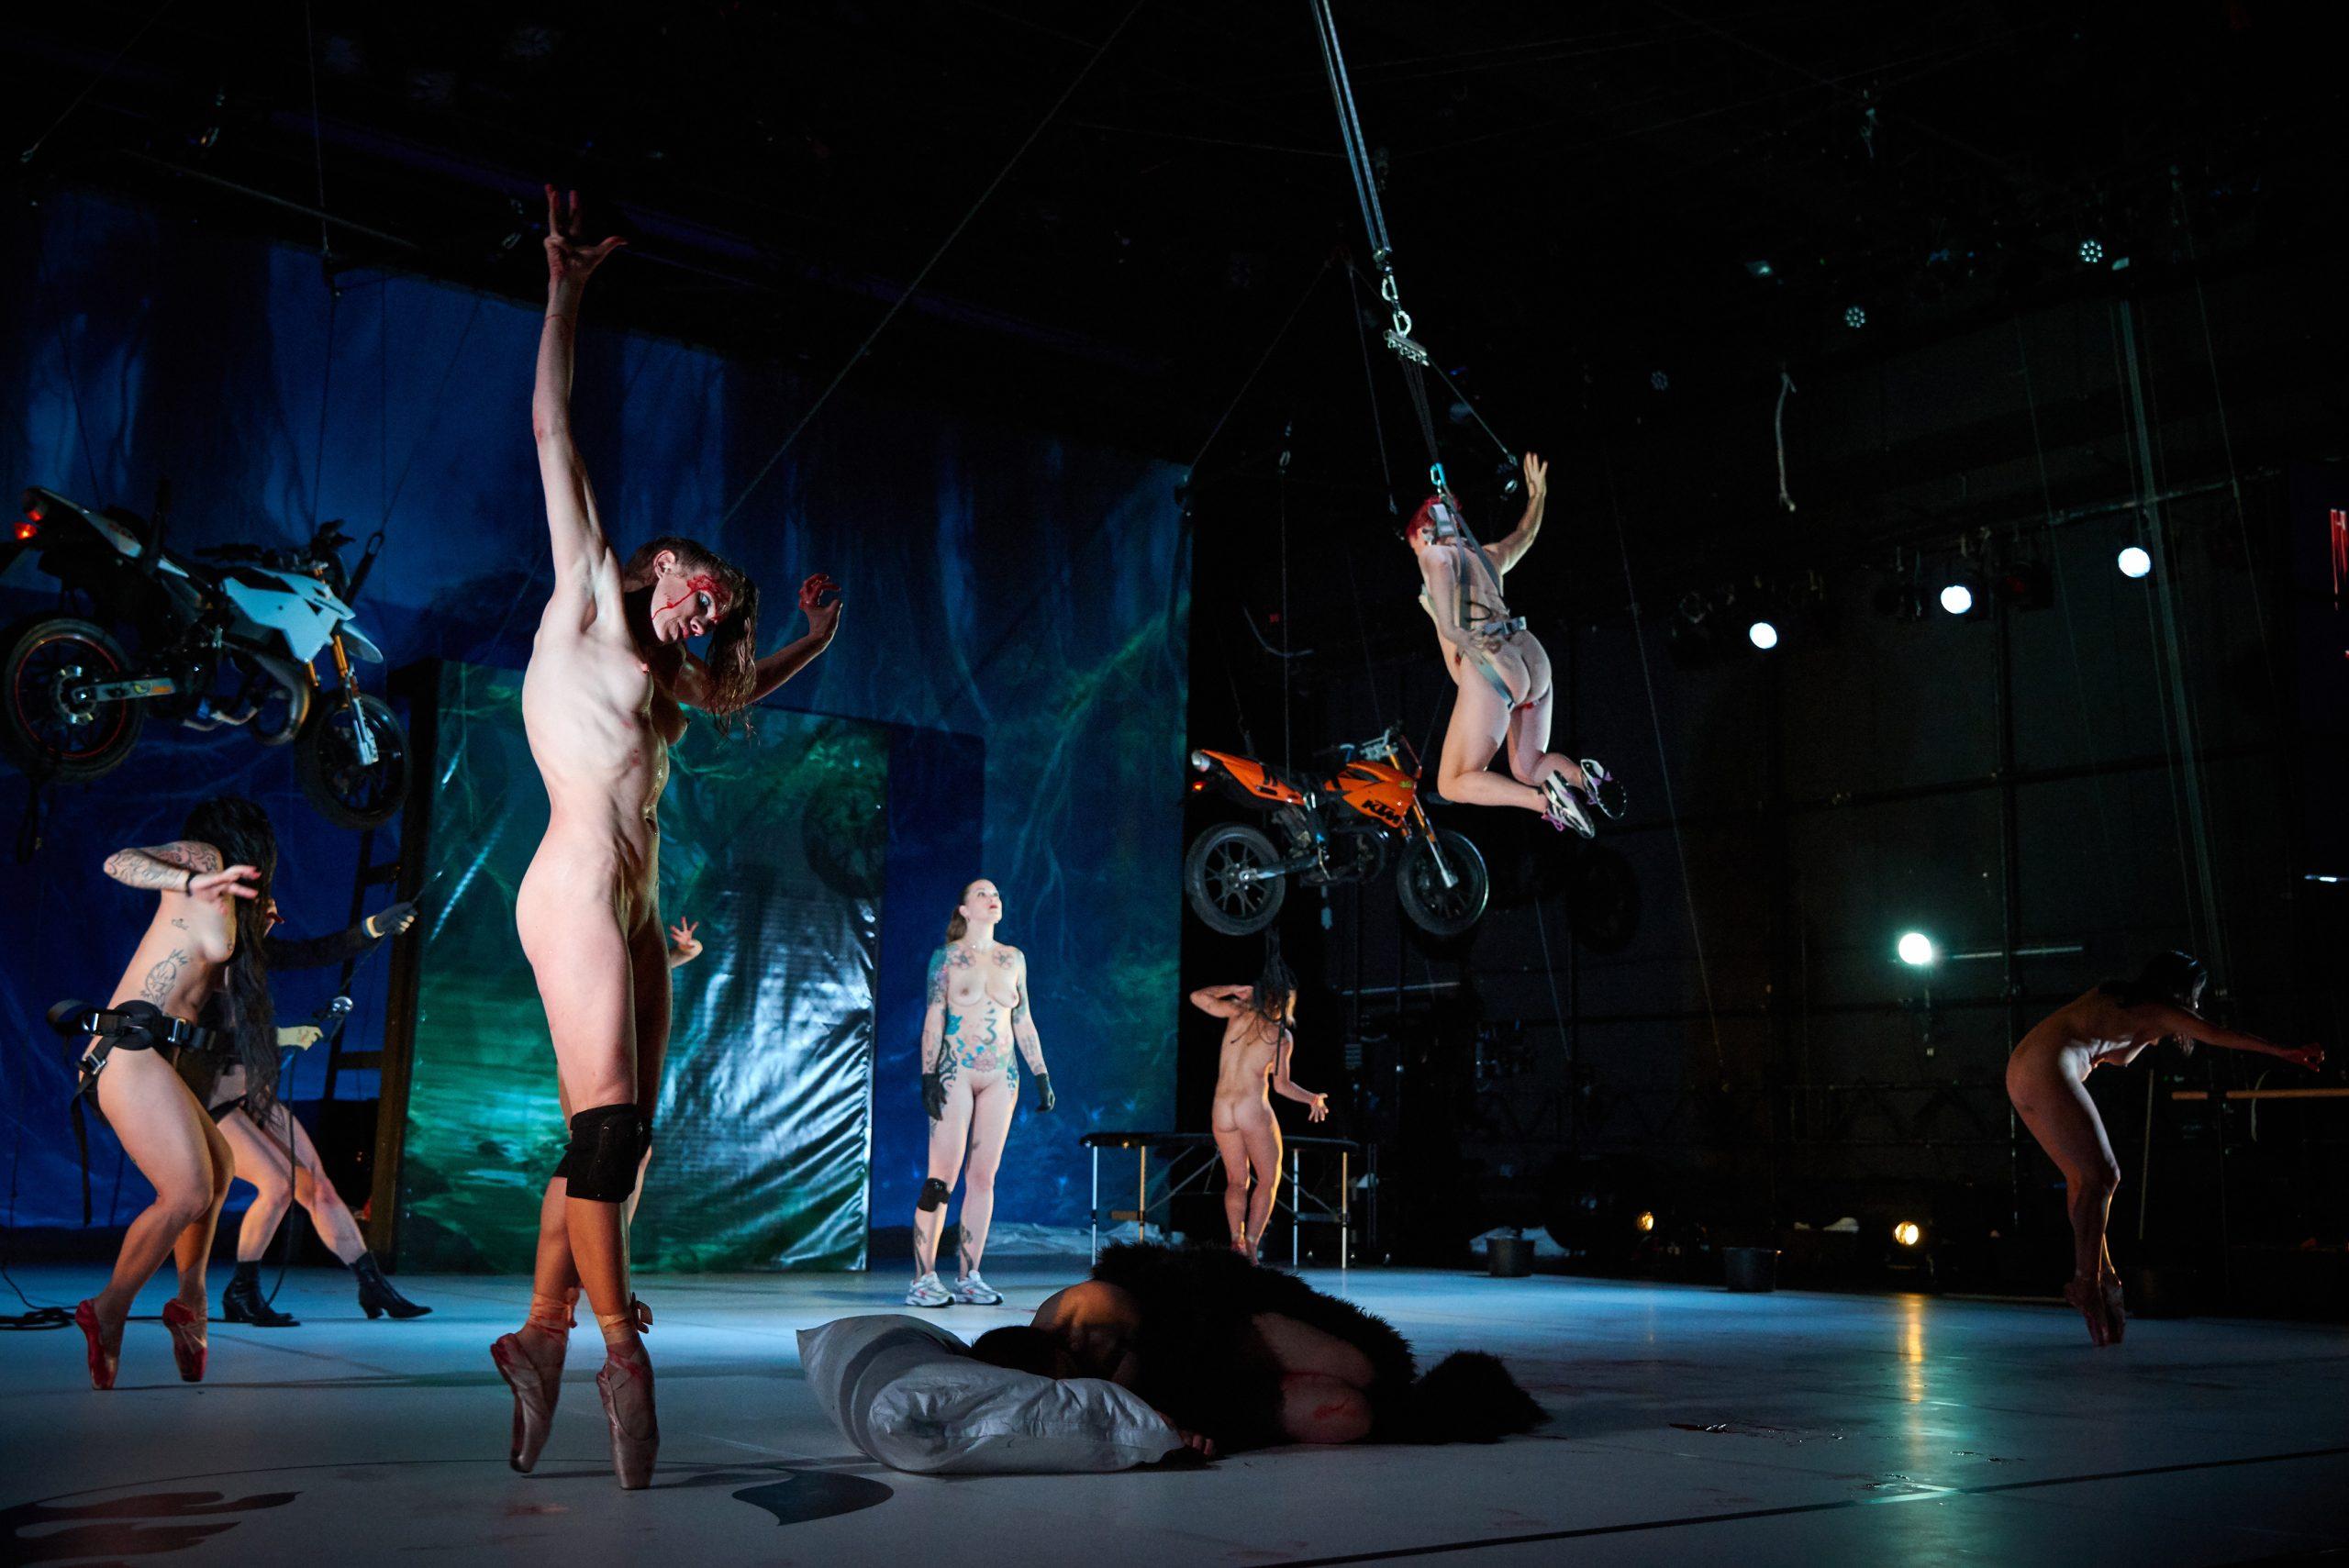 TANZ – Eine sylphidische Träumerei in Stunts